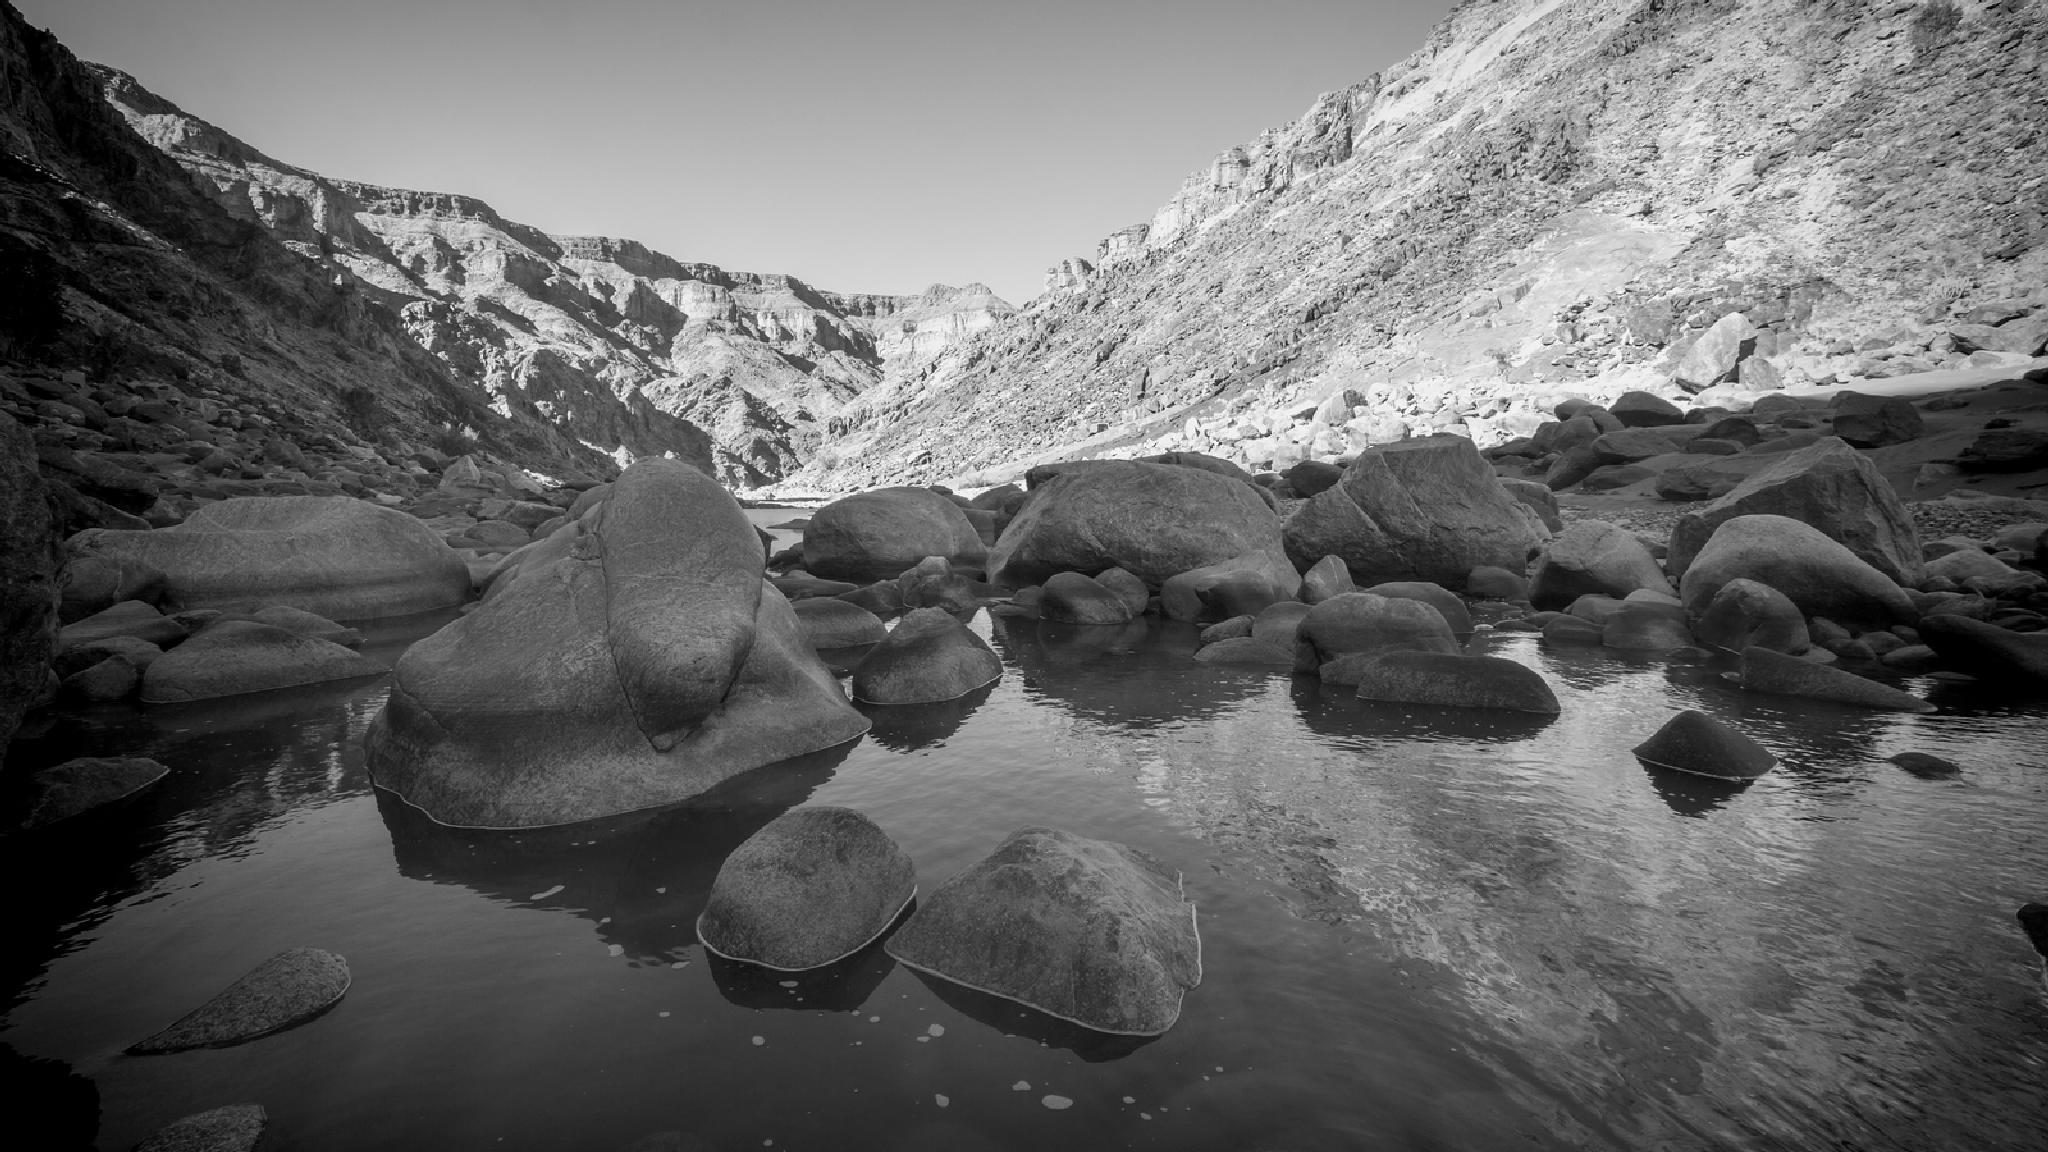 Canyon Rocks by lendames